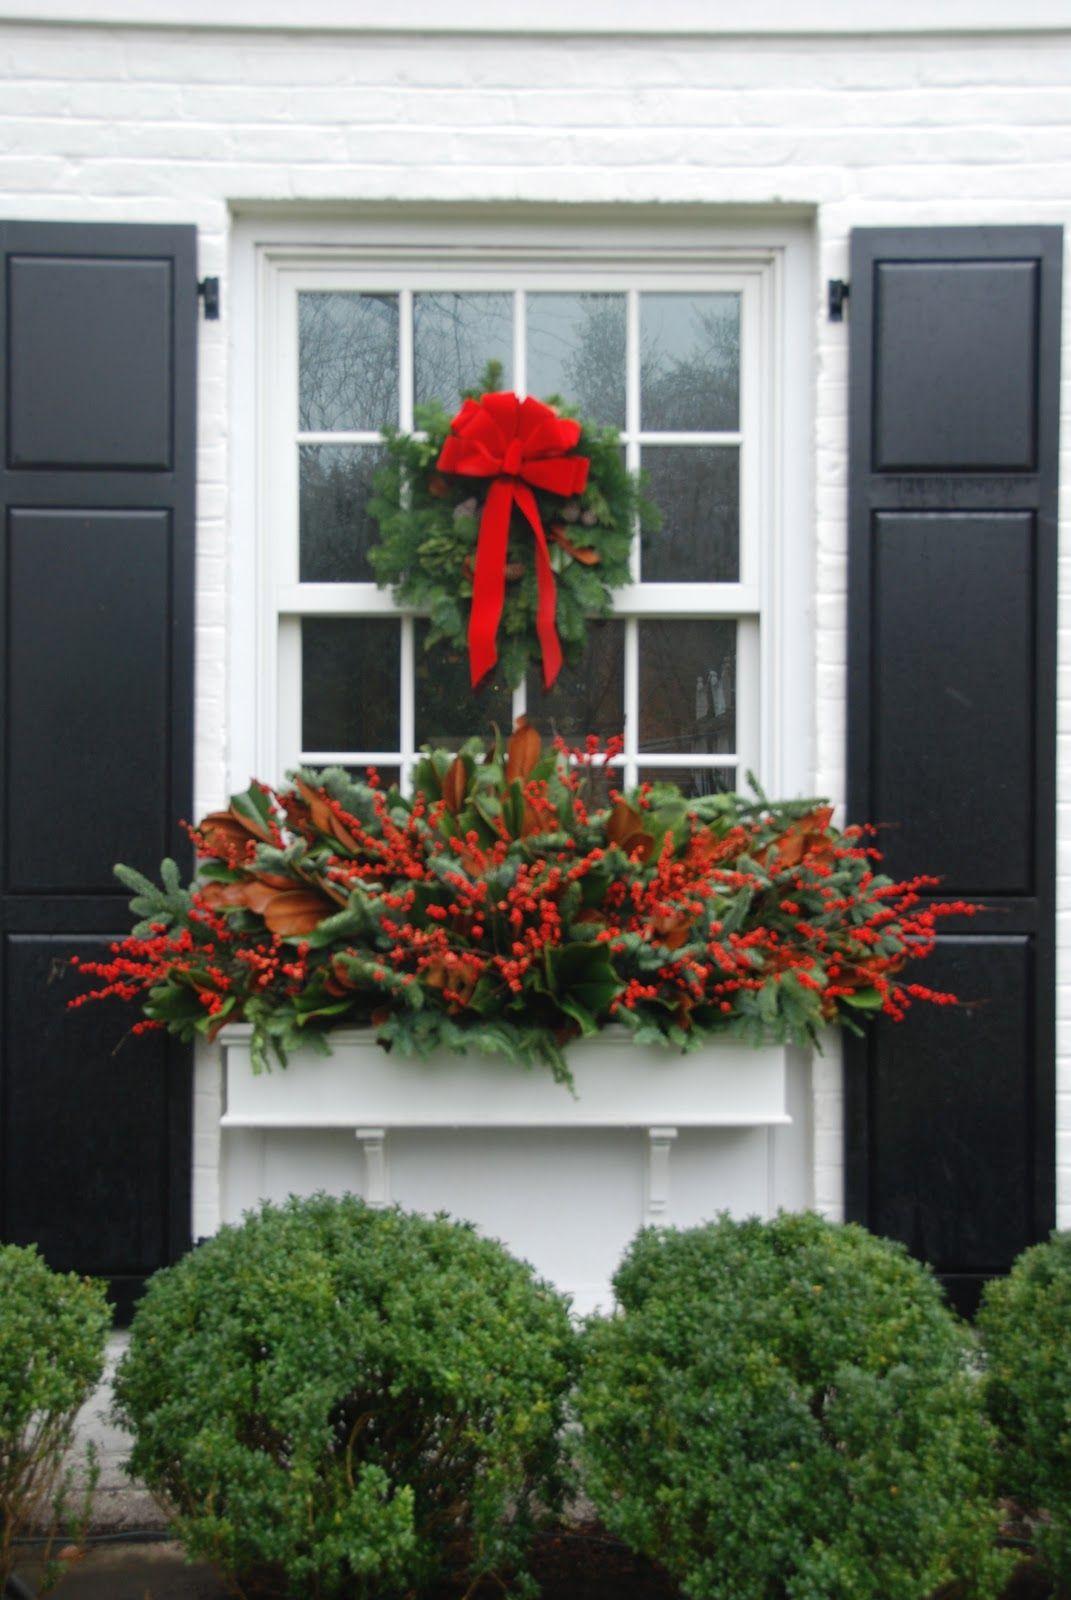 pin von chherzog49 auf weihnachten pinterest weihnachten weihnachtsdekoration und deko. Black Bedroom Furniture Sets. Home Design Ideas